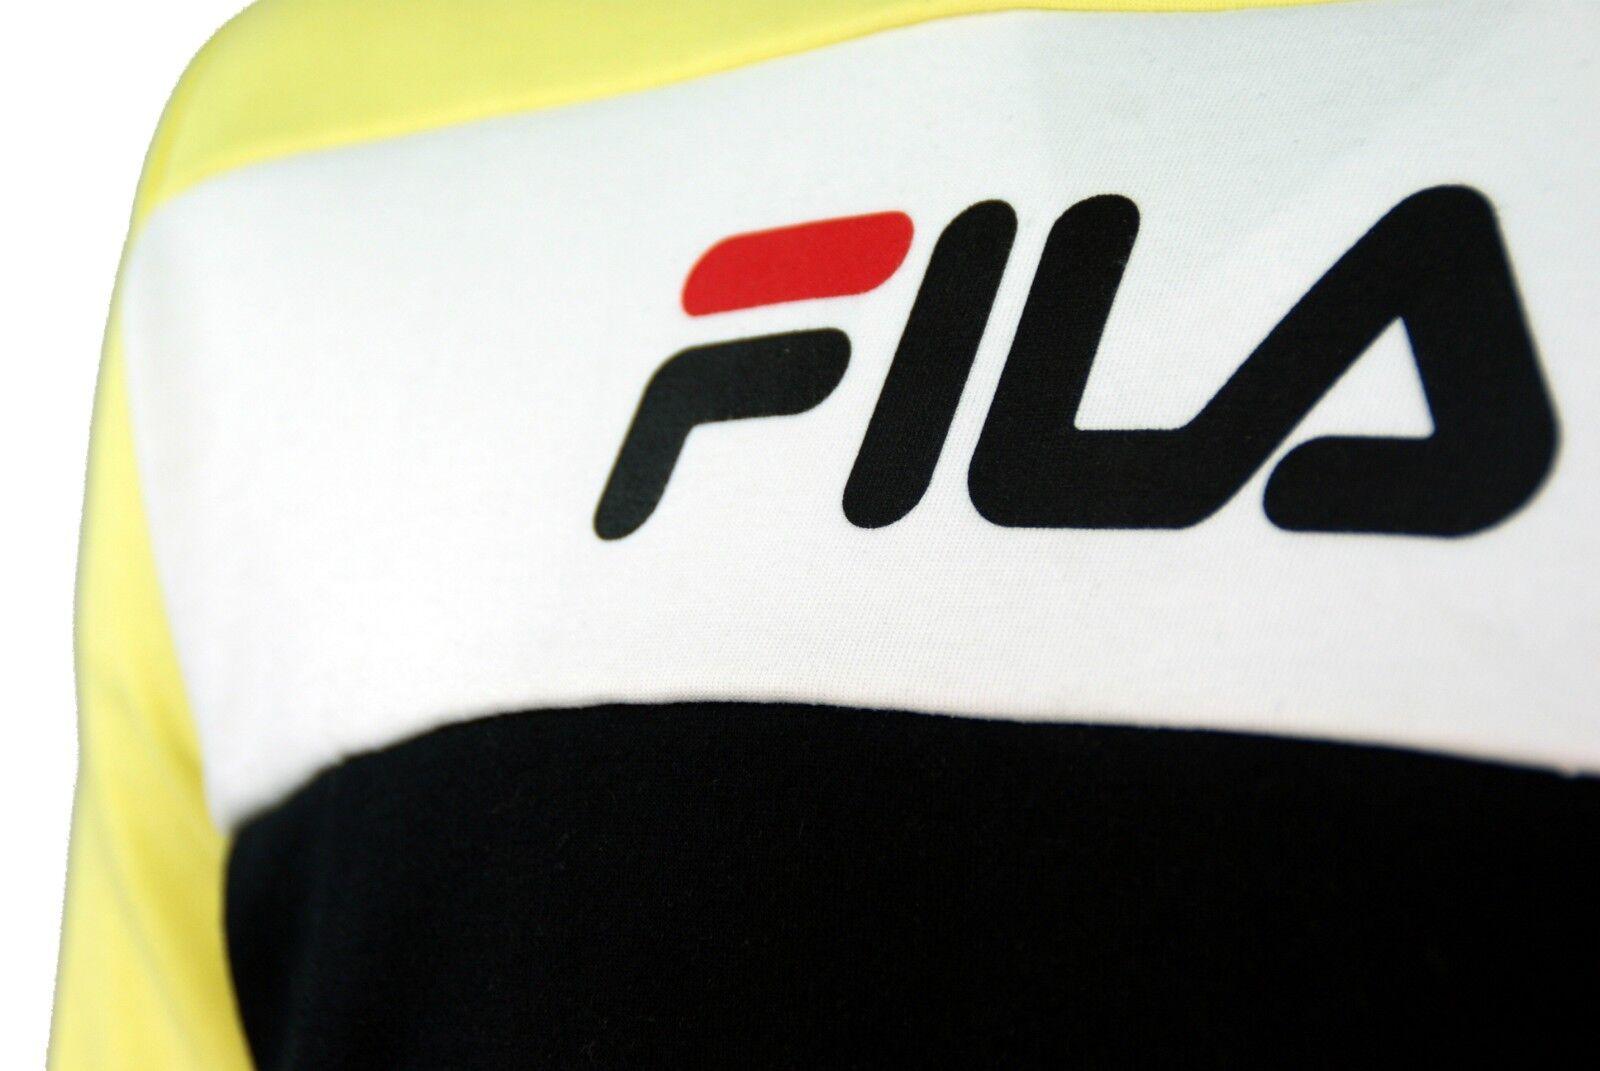 SWEAT FILA HOMME TOUTES TAILLES NEUF FASHION FASHION FASHION  ELLESSE CIPO BAXX EA7 CHAMPION 2700a0